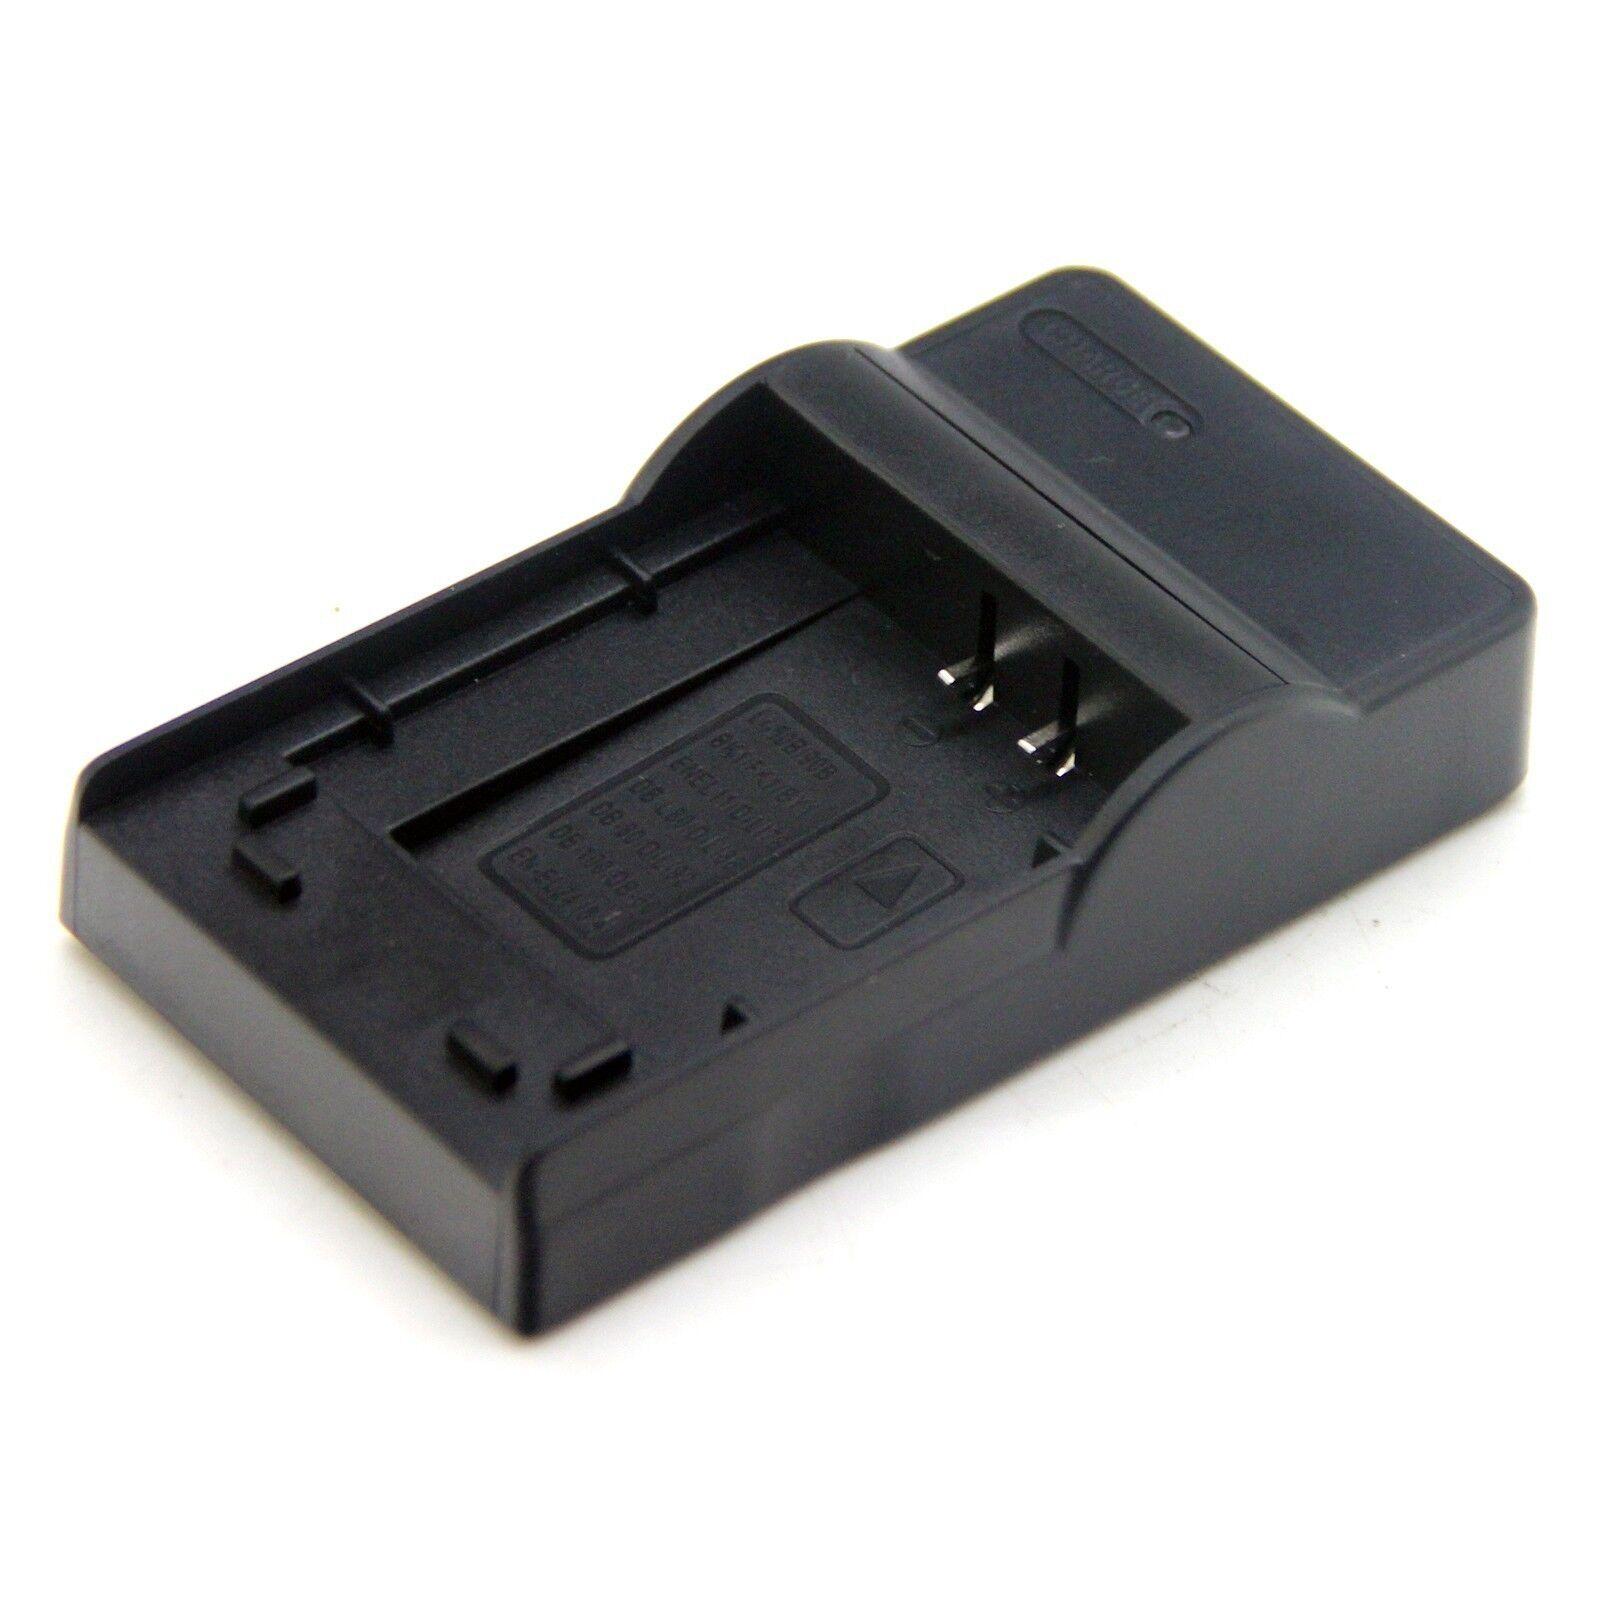 77D M5 M6 Ladegerät mit Ladekontrollanzeige und Micro USB für Canon EOS 850D